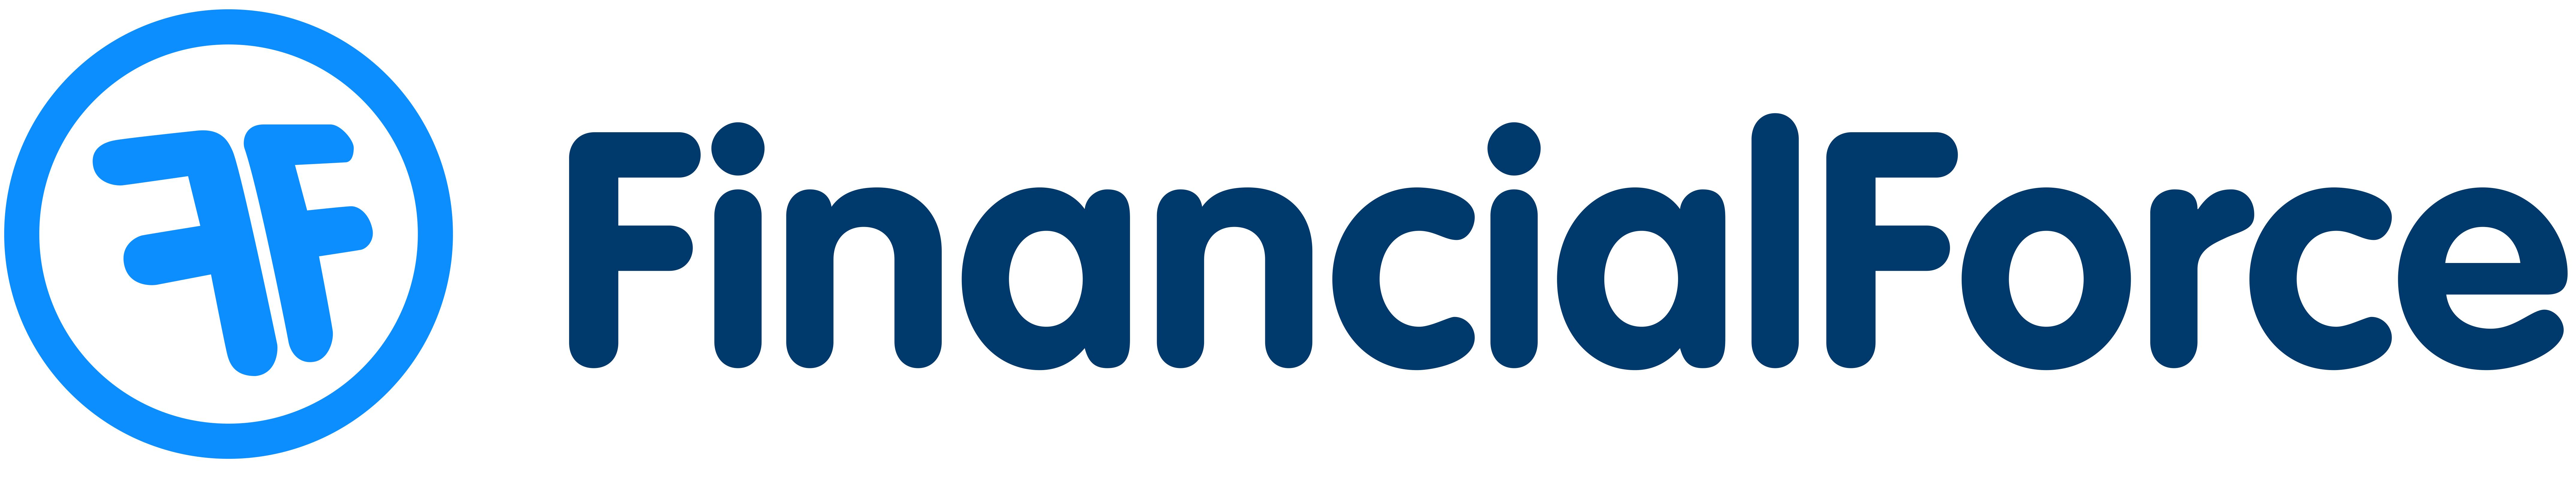 FinancialForce Accounting